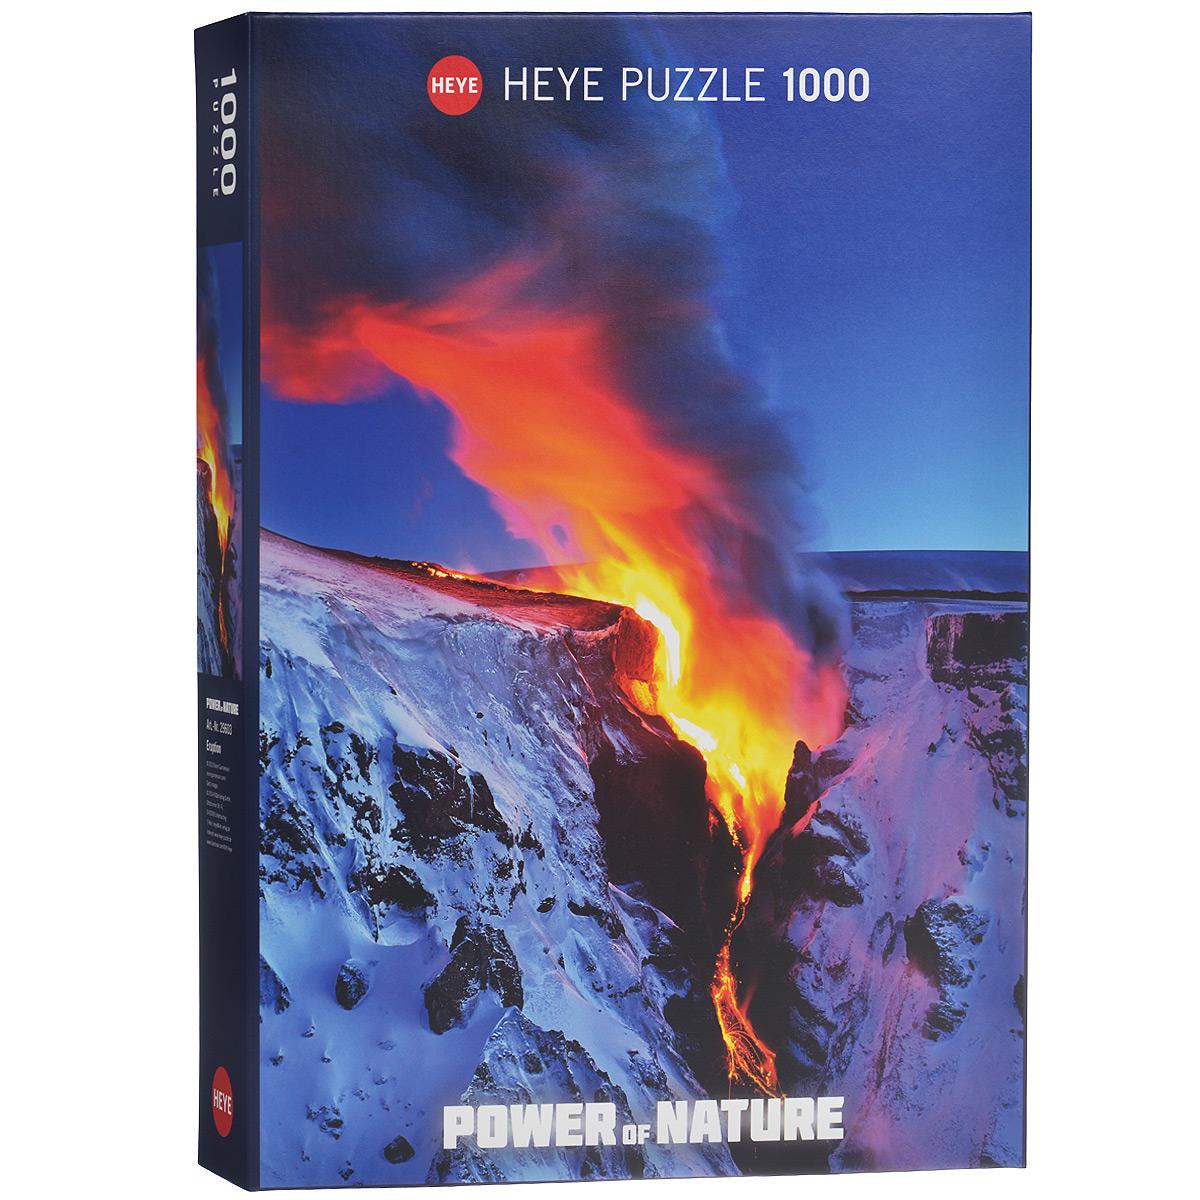 HEYE Извержение вулканов. Пазл, 1000 элементов29603Пазл Извержение вулканов без сомнения придется вам по душе, и вы получите массу удовольствия от процесса собирания картины. Извергающийся вулкан и наводит ужас, и держит в оцепенении из-за своей пугающей, но все же красоты, которой славится это природное явление. Пазлы - прекрасное антистрессовое средство для взрослых и замечательная развивающая игра для детей. Собирание пазла развивает у ребенка мелкую моторику рук, тренирует наблюдательность, логическое мышление, знакомит с окружающим миром, с цветом и разнообразными формами, учит усидчивости и терпению, аккуратности и вниманию. Собирание пазла - прекрасное времяпрепровождение для всей семьи.